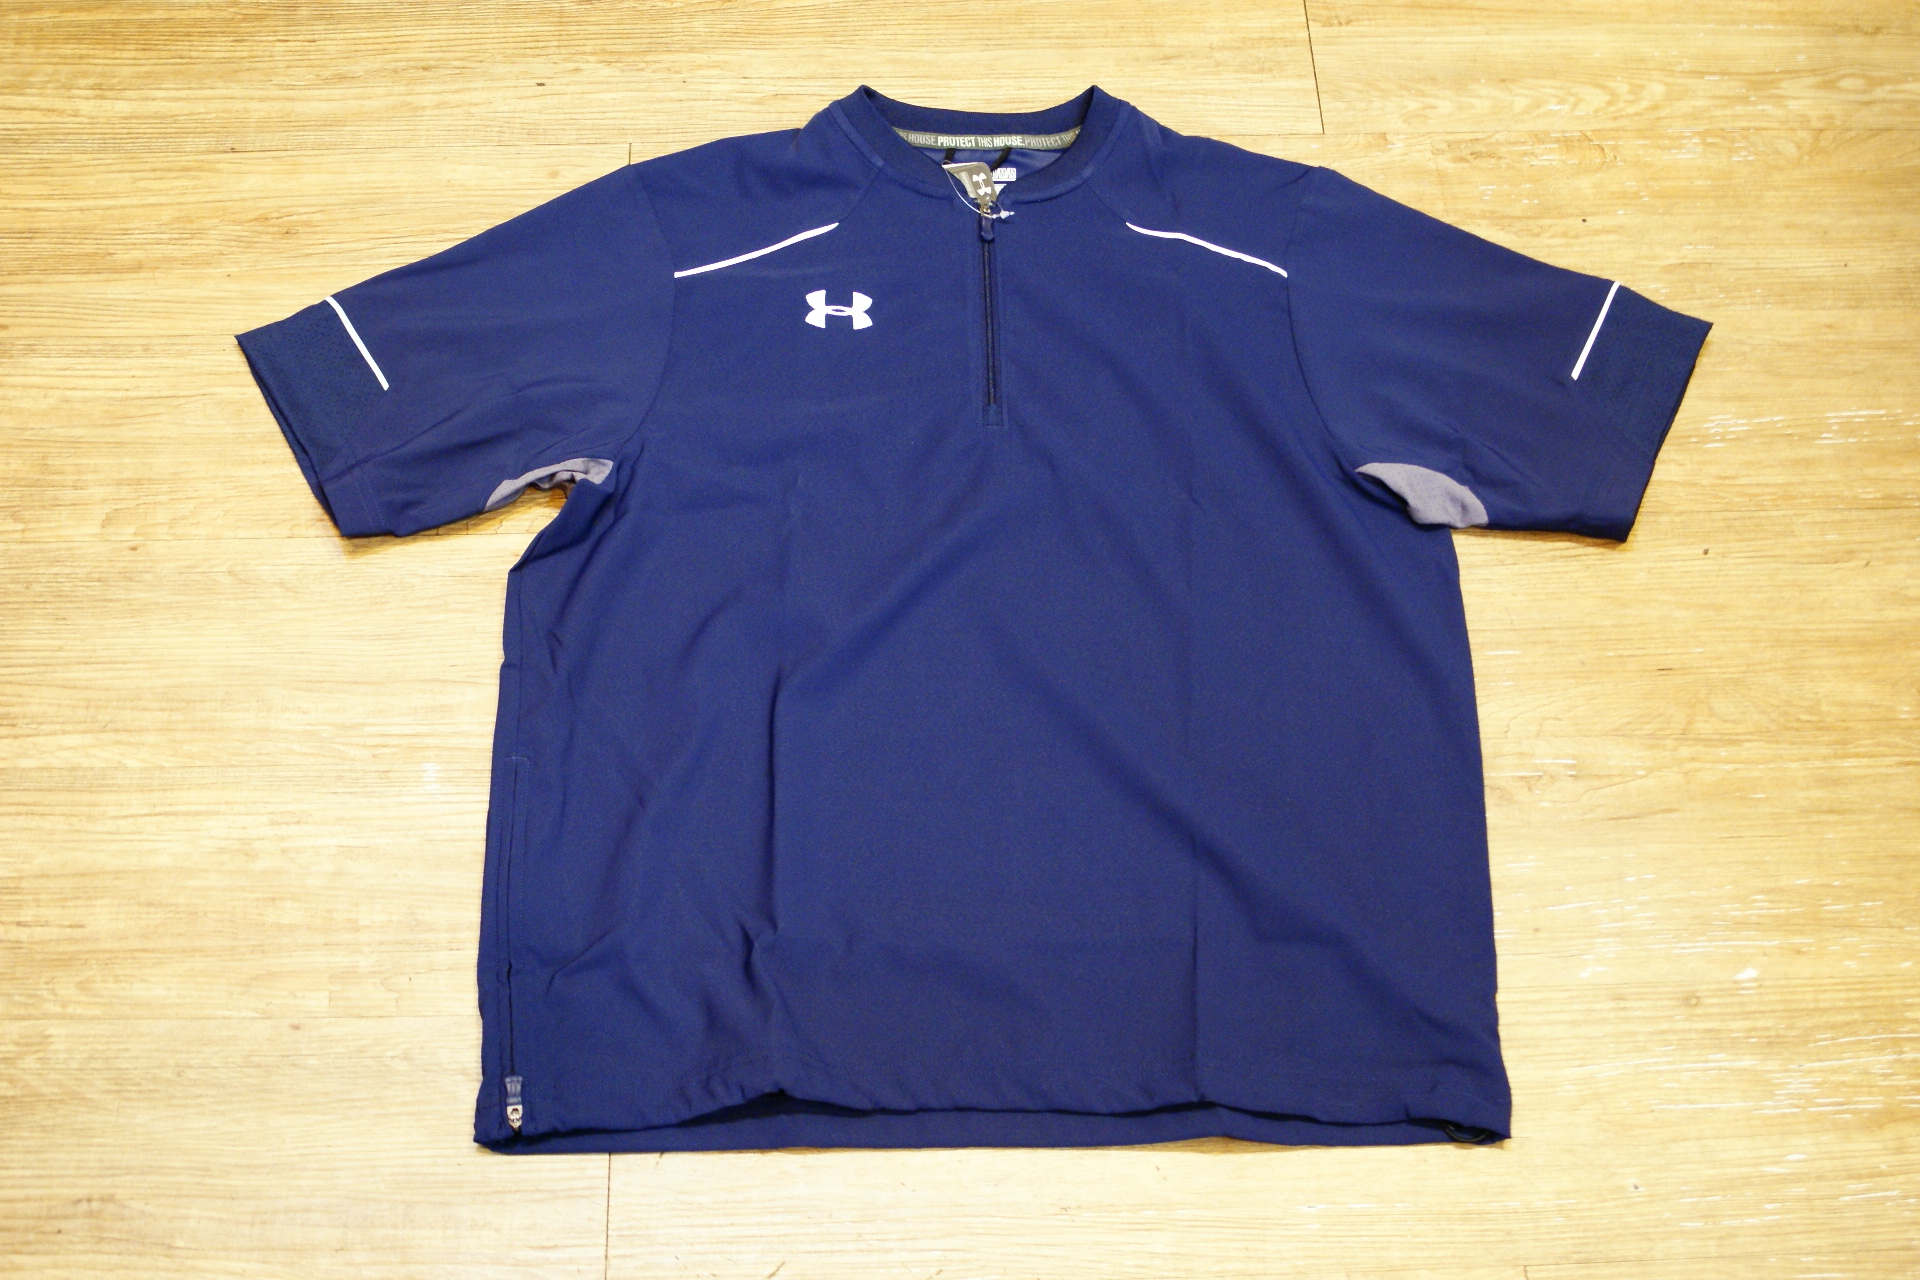 棒球世界 全新UNDER ARMOUR UA 短袖風衣外套 特價 丈青色